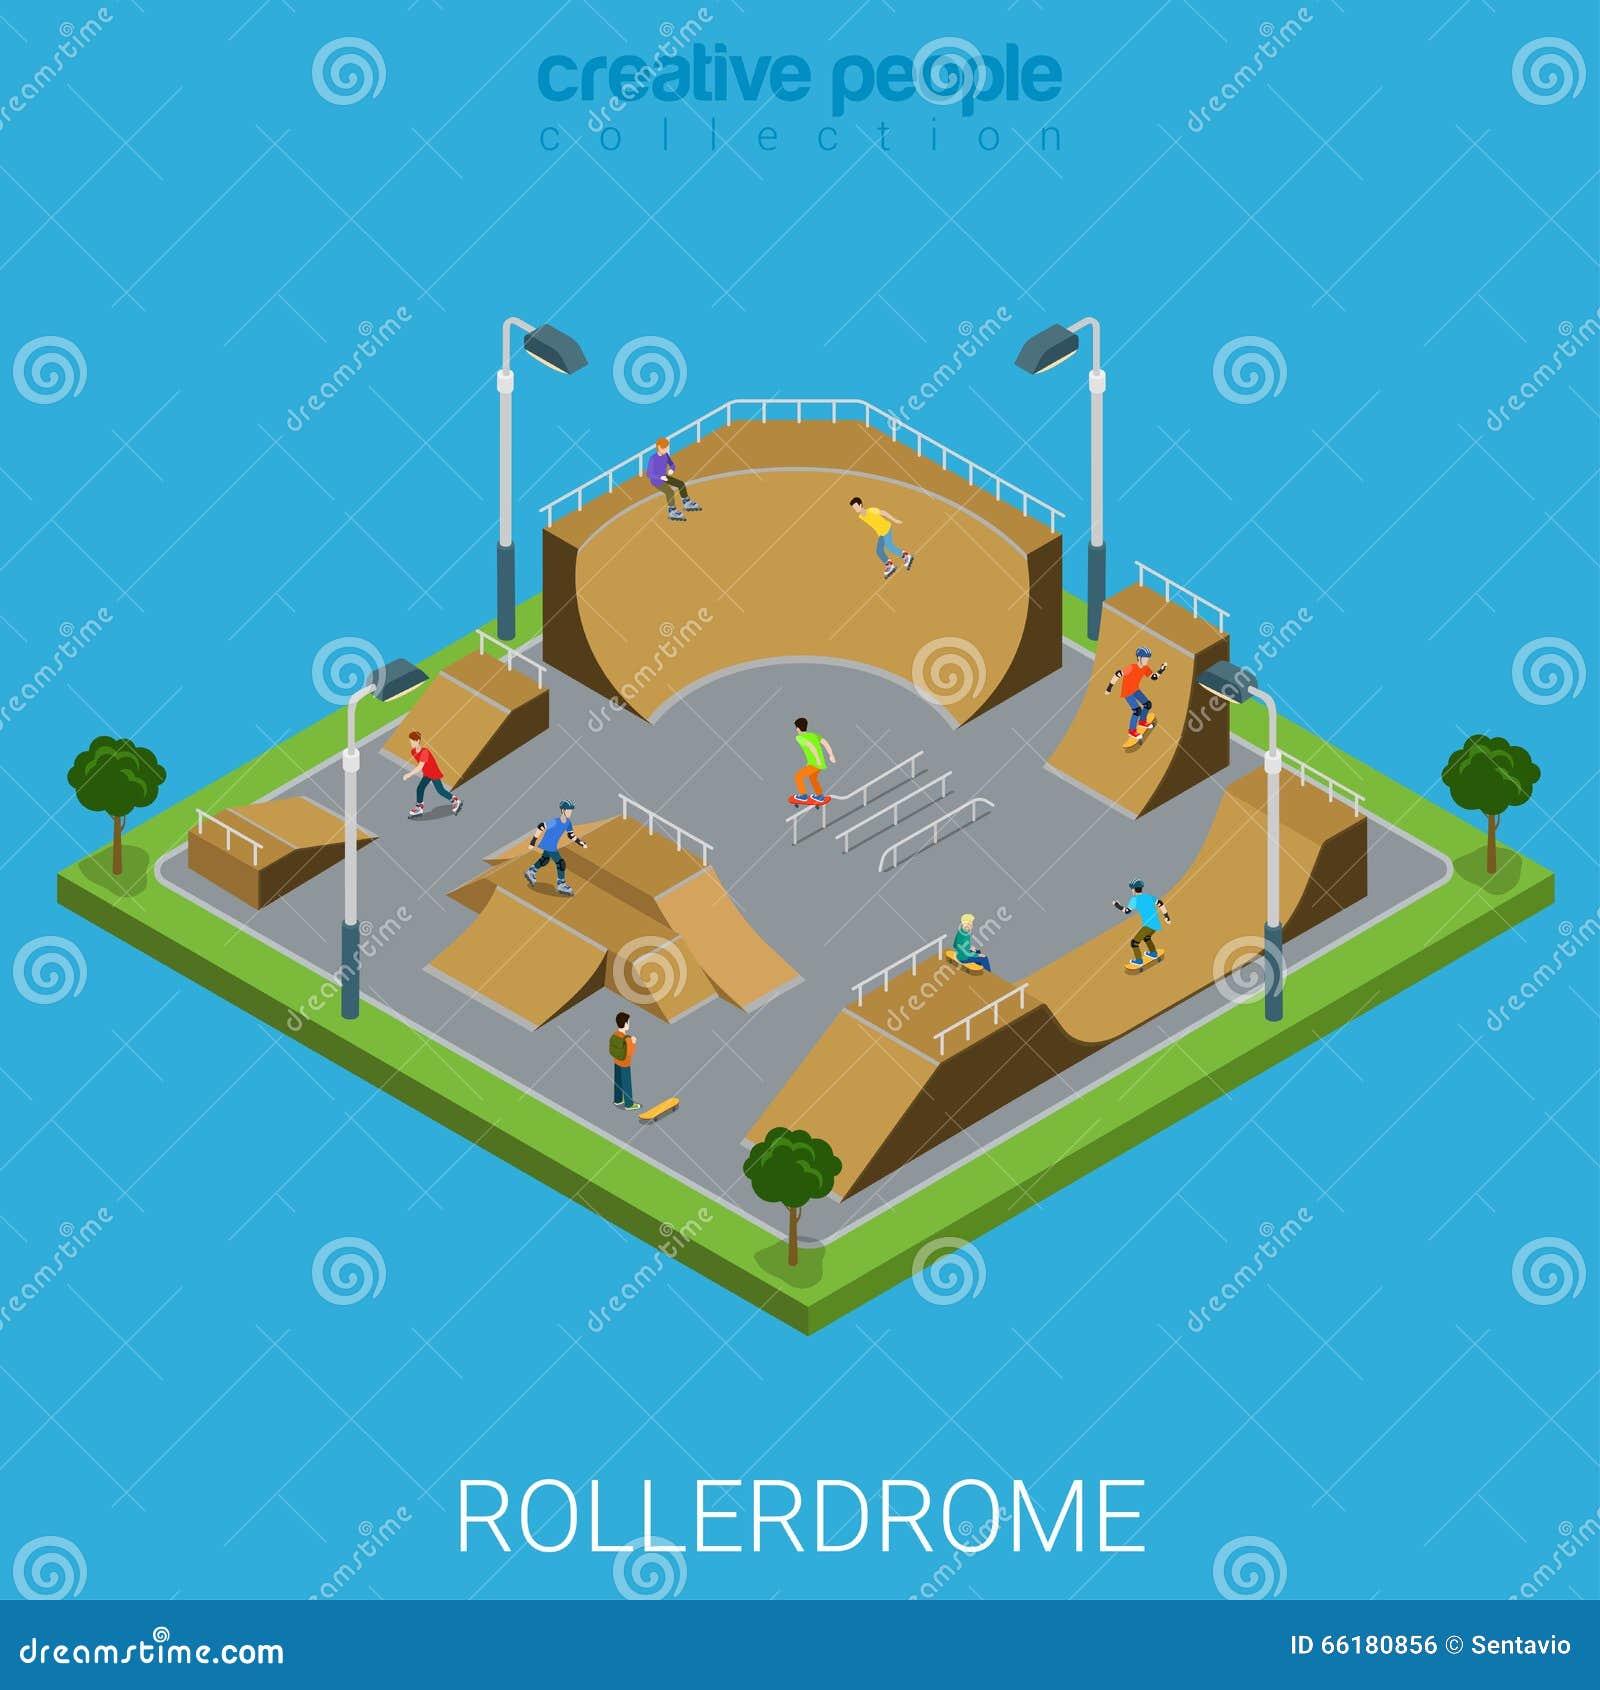 Skatepark BMX Skate Park Rollerdrome Isometric Flat Vector